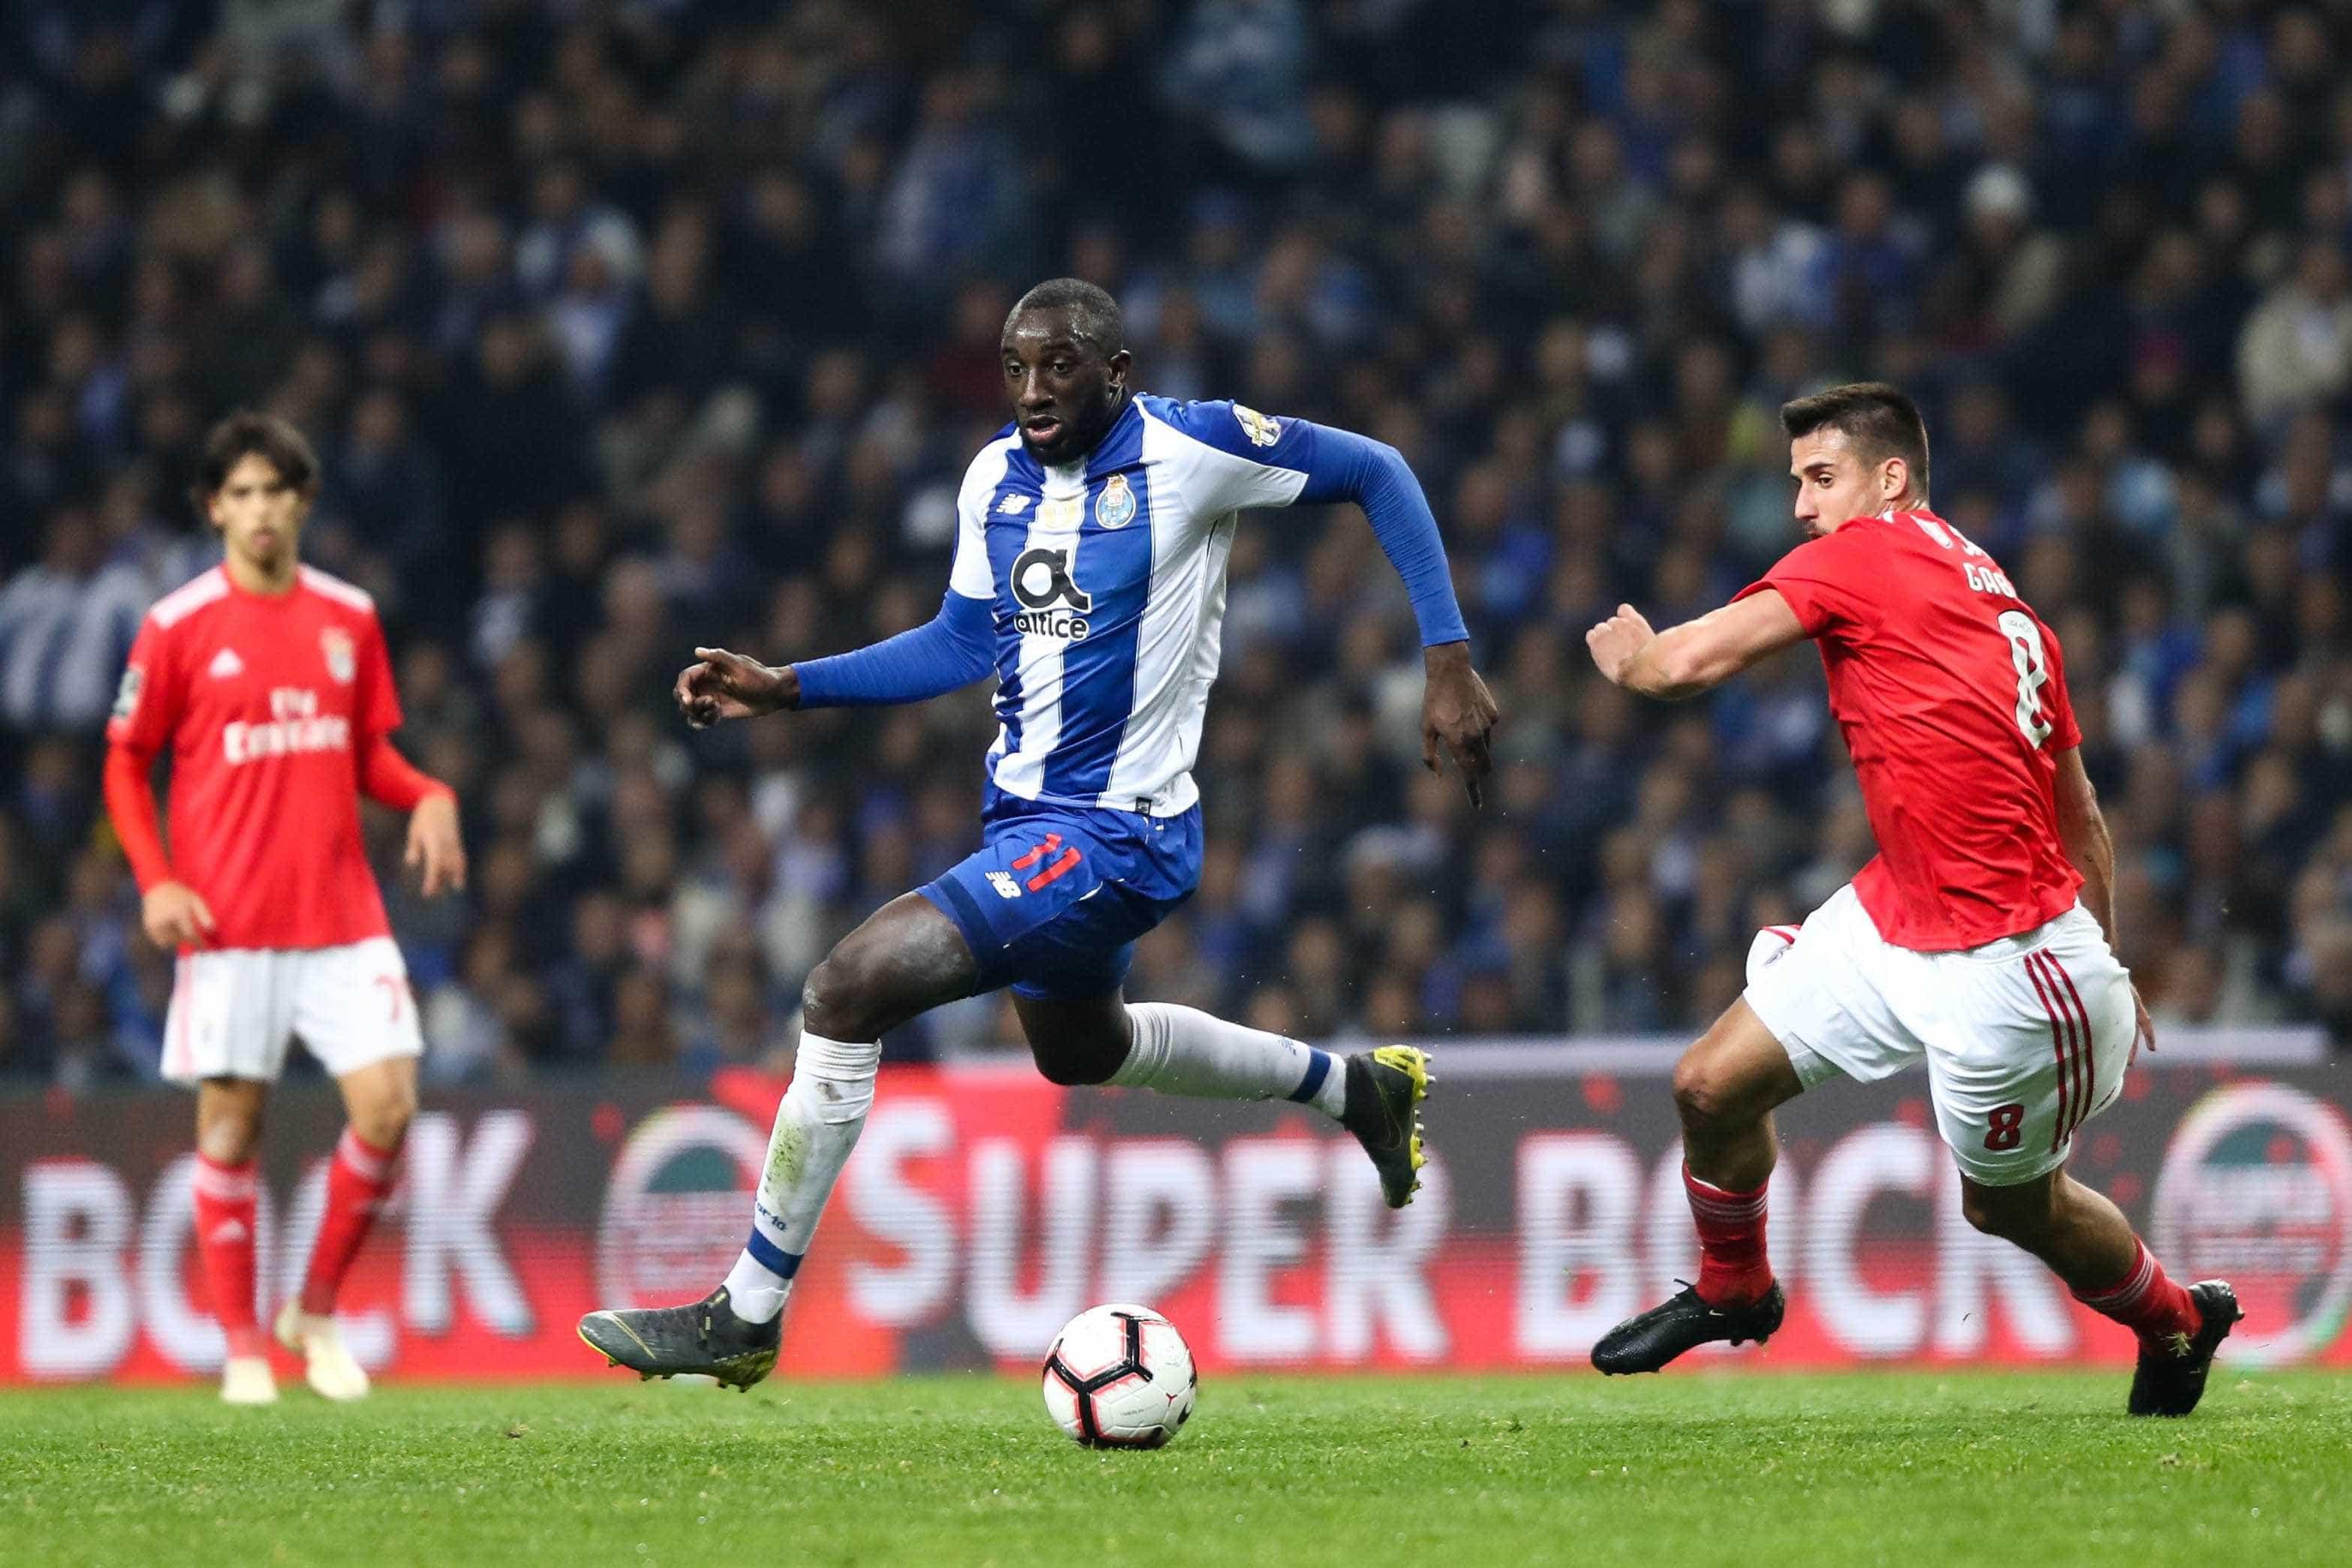 Após derrota no Clássico, Marega pede desculpa aos adeptos do FC Porto